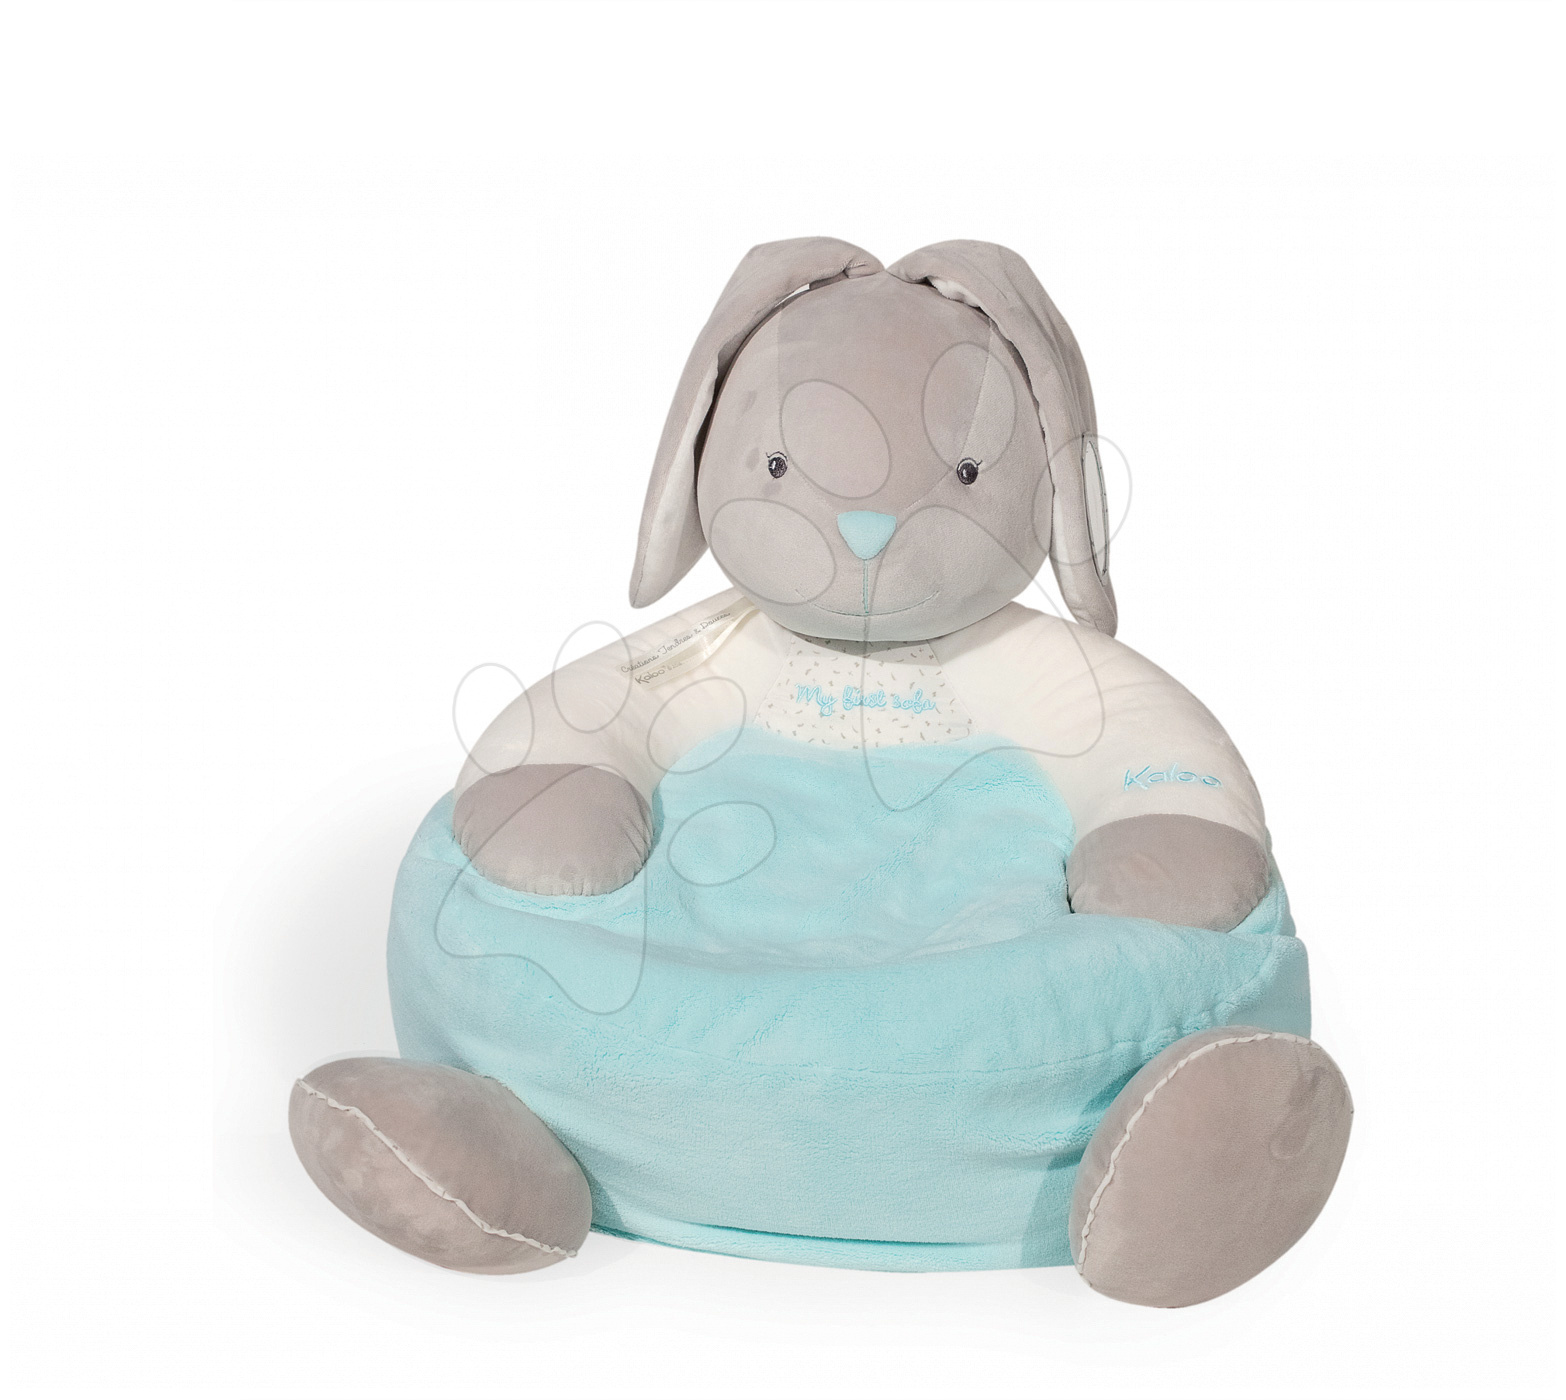 Kreslo plyšový zajačik Plume Sofa Kaloo 45 cm pre najmenších tyrkysovo-šedý